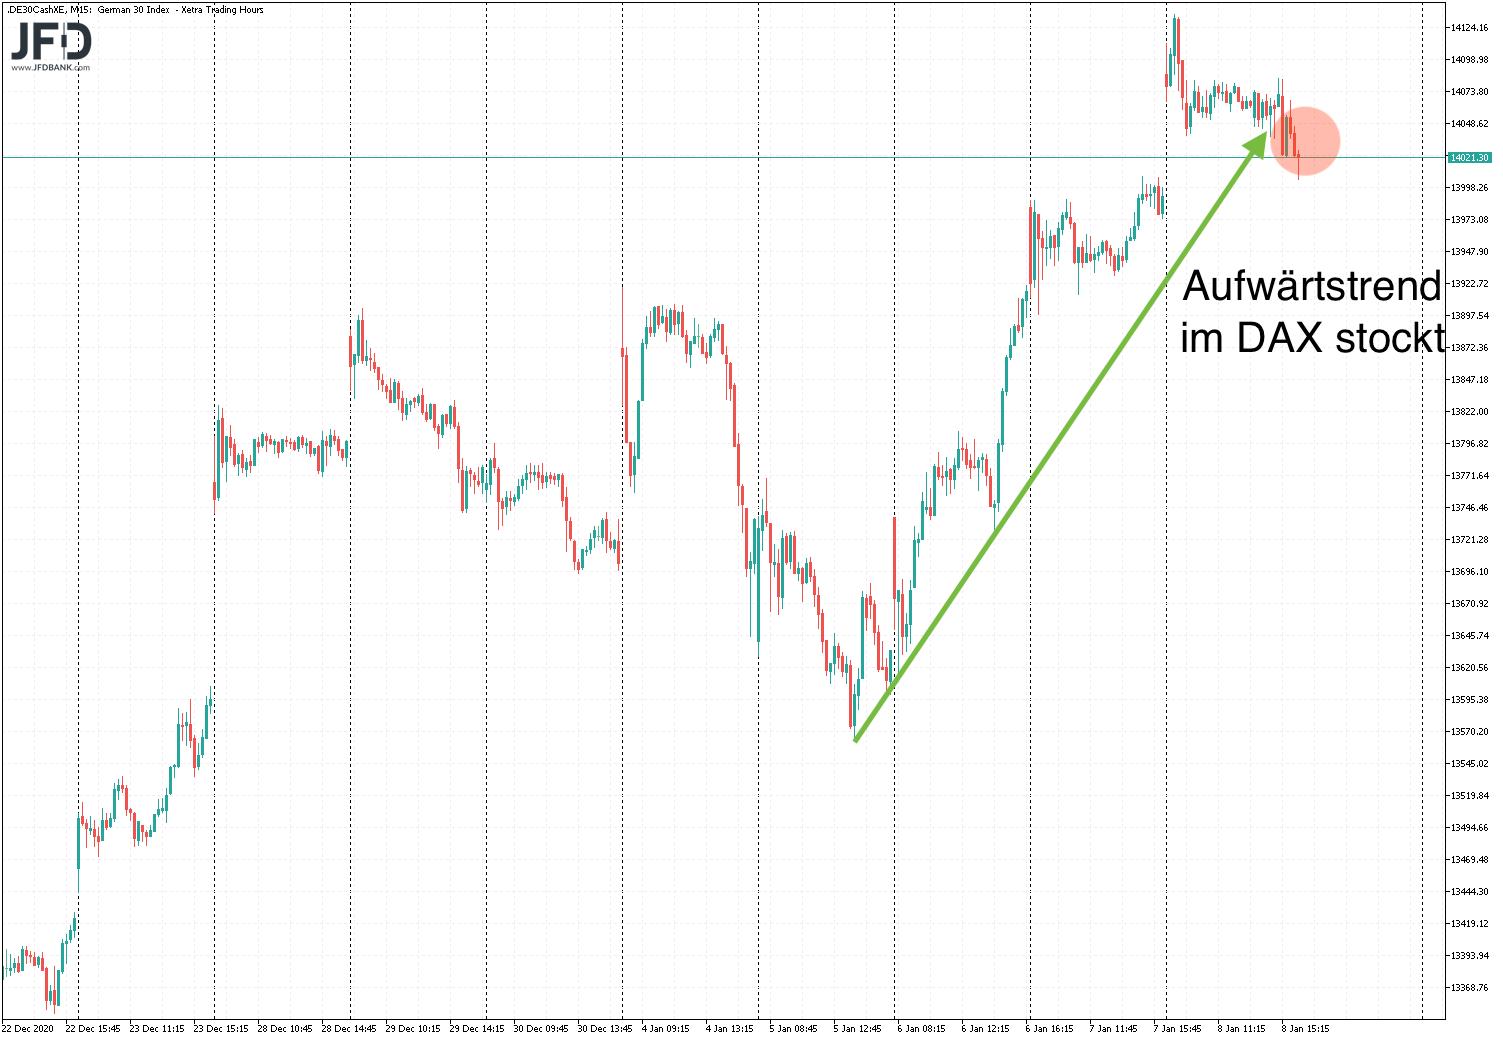 DAX-Trendlinie gebrochen